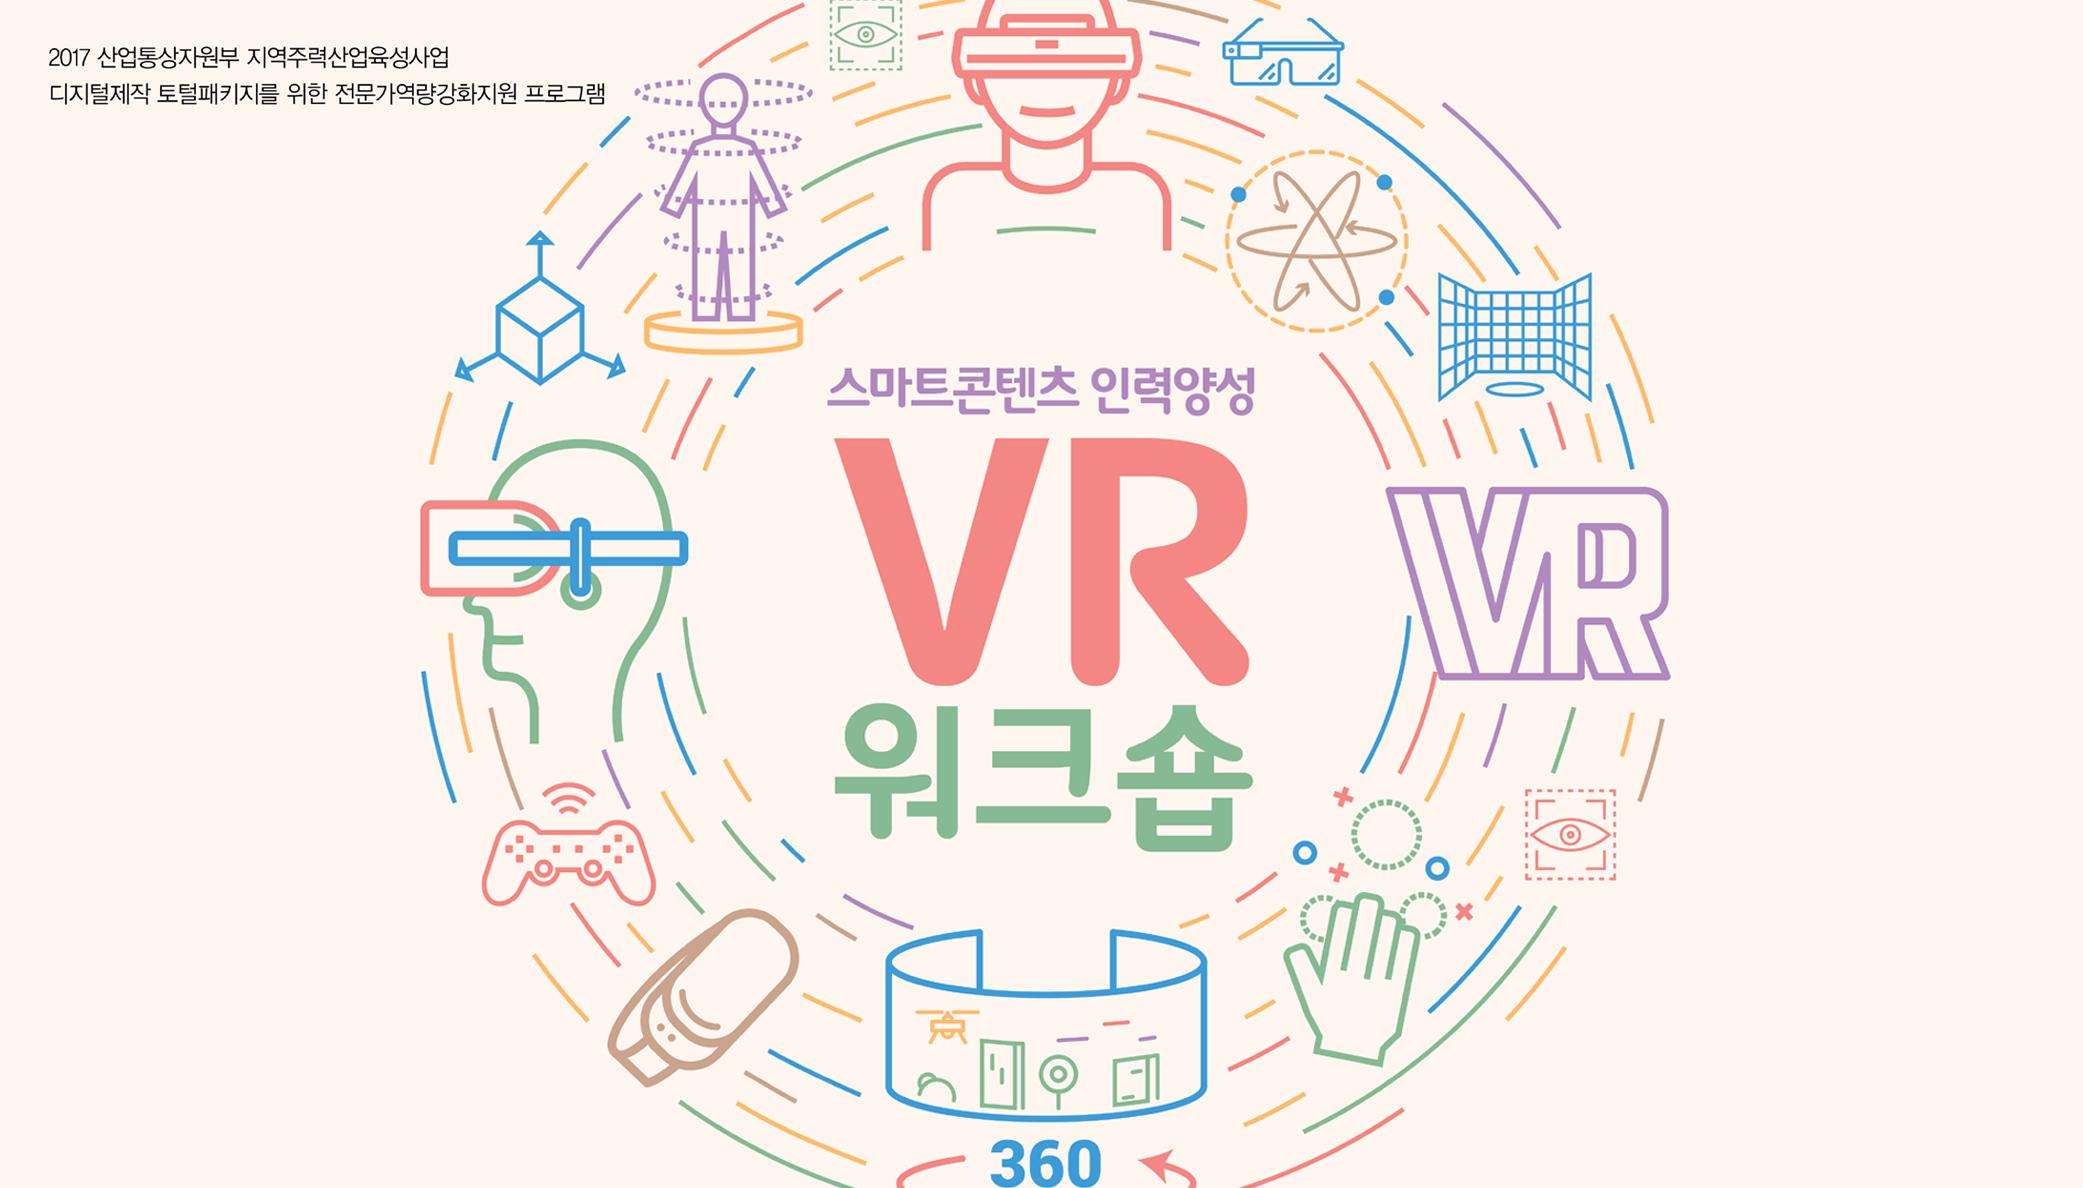 영상 신기술 인력양성 VR 워크숍